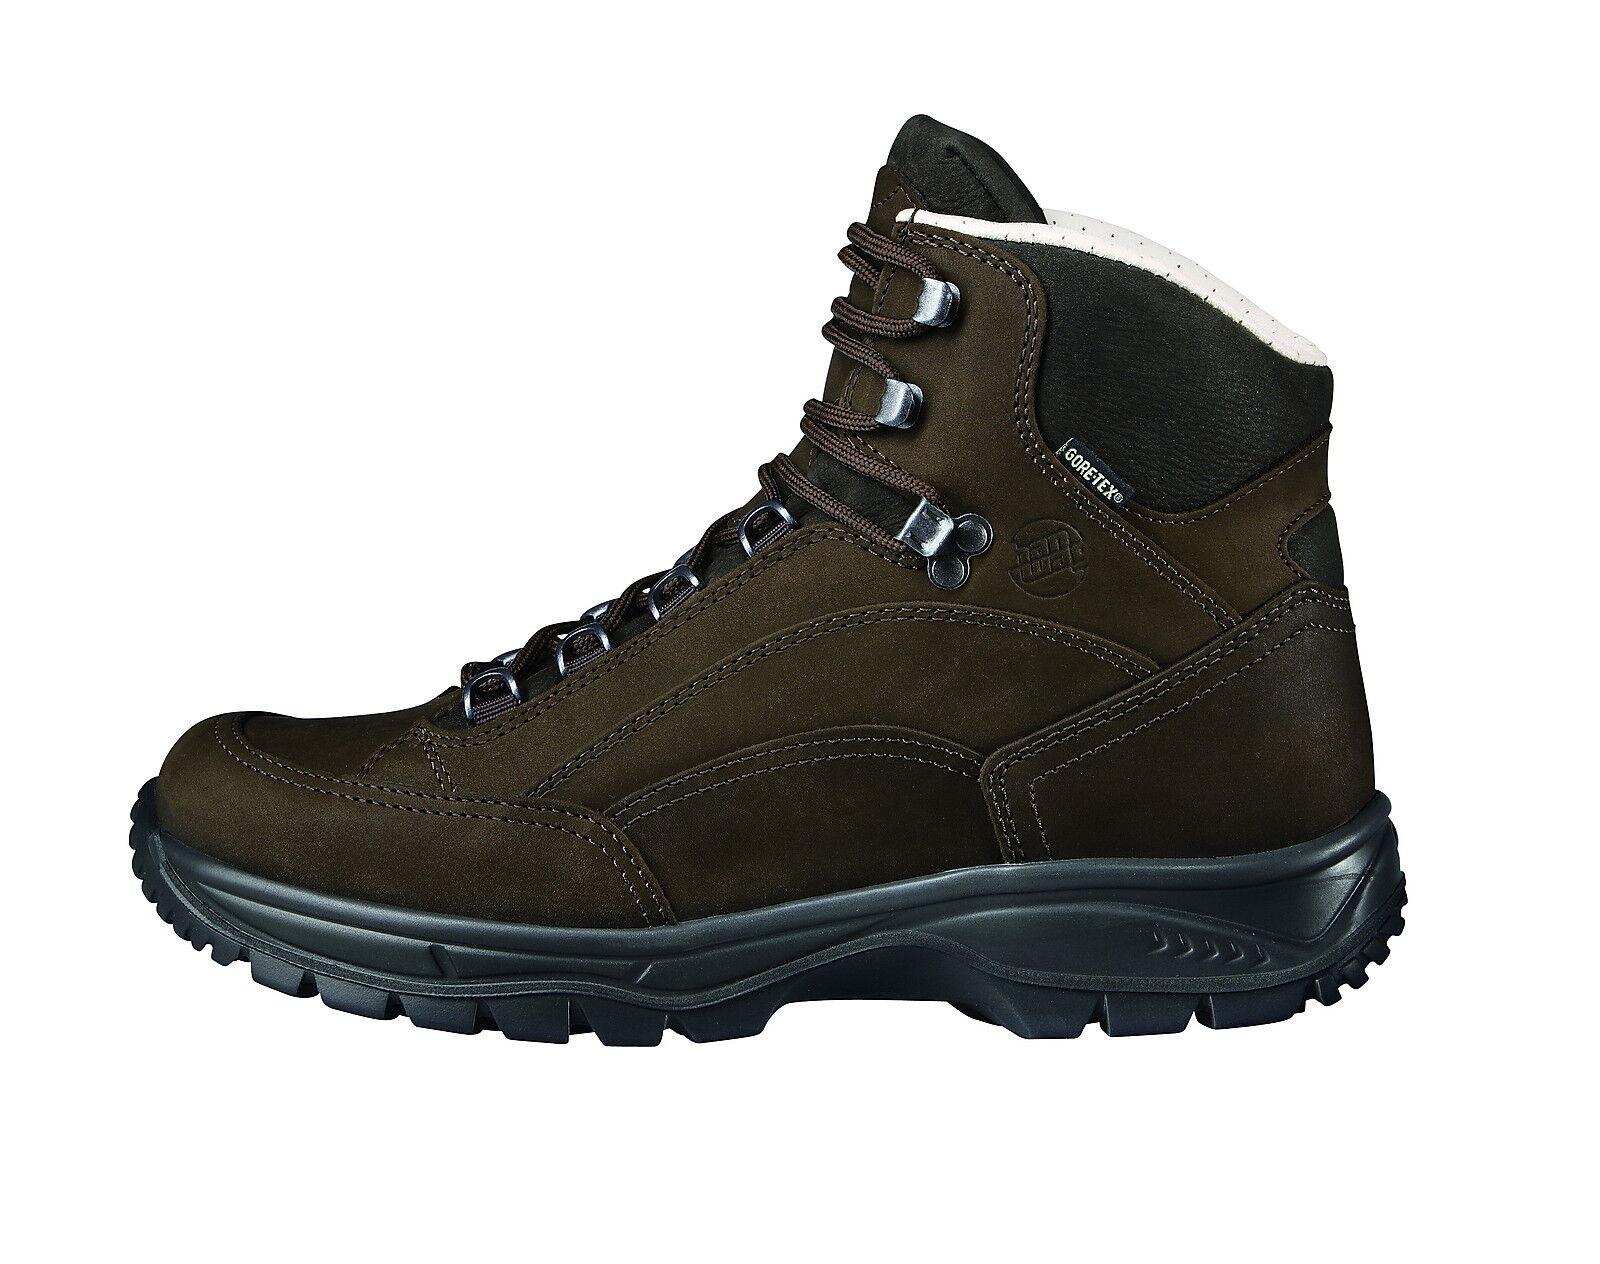 Nuevo Hanwag Zapatos de Montaña Canyon Wide Tamaño 10 (44,5 ), Tierra